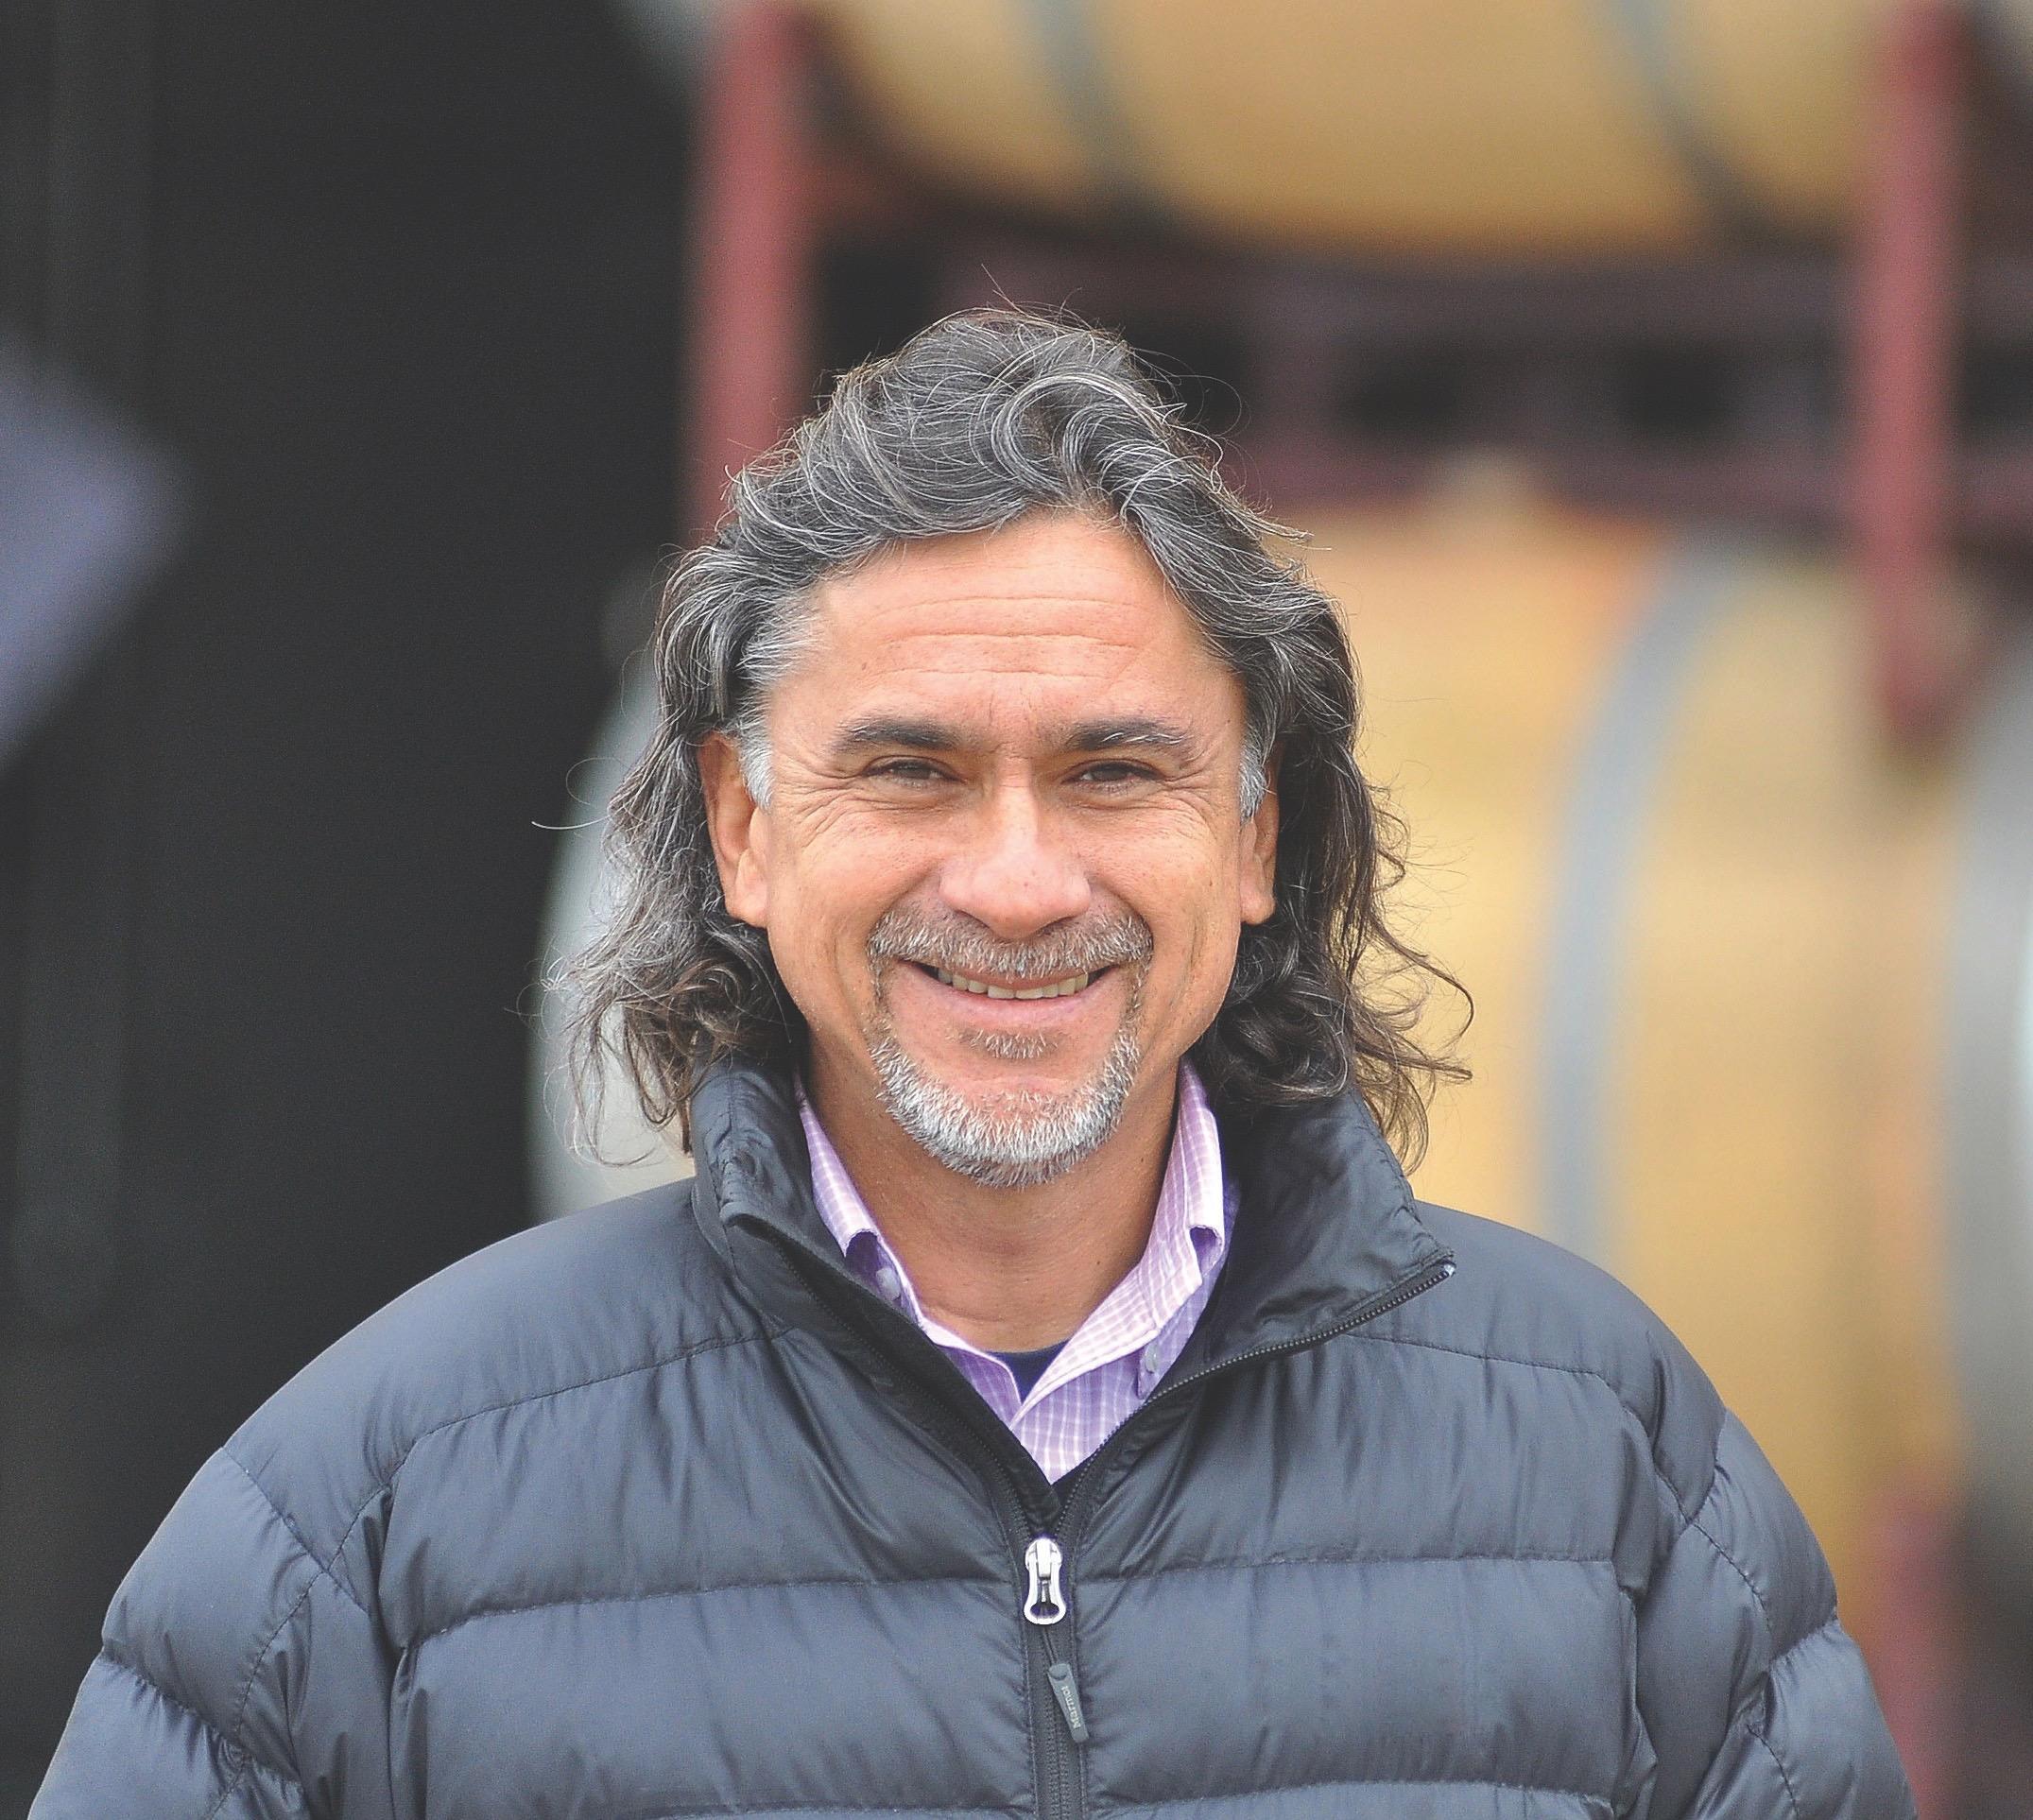 Alvaro Espinoza